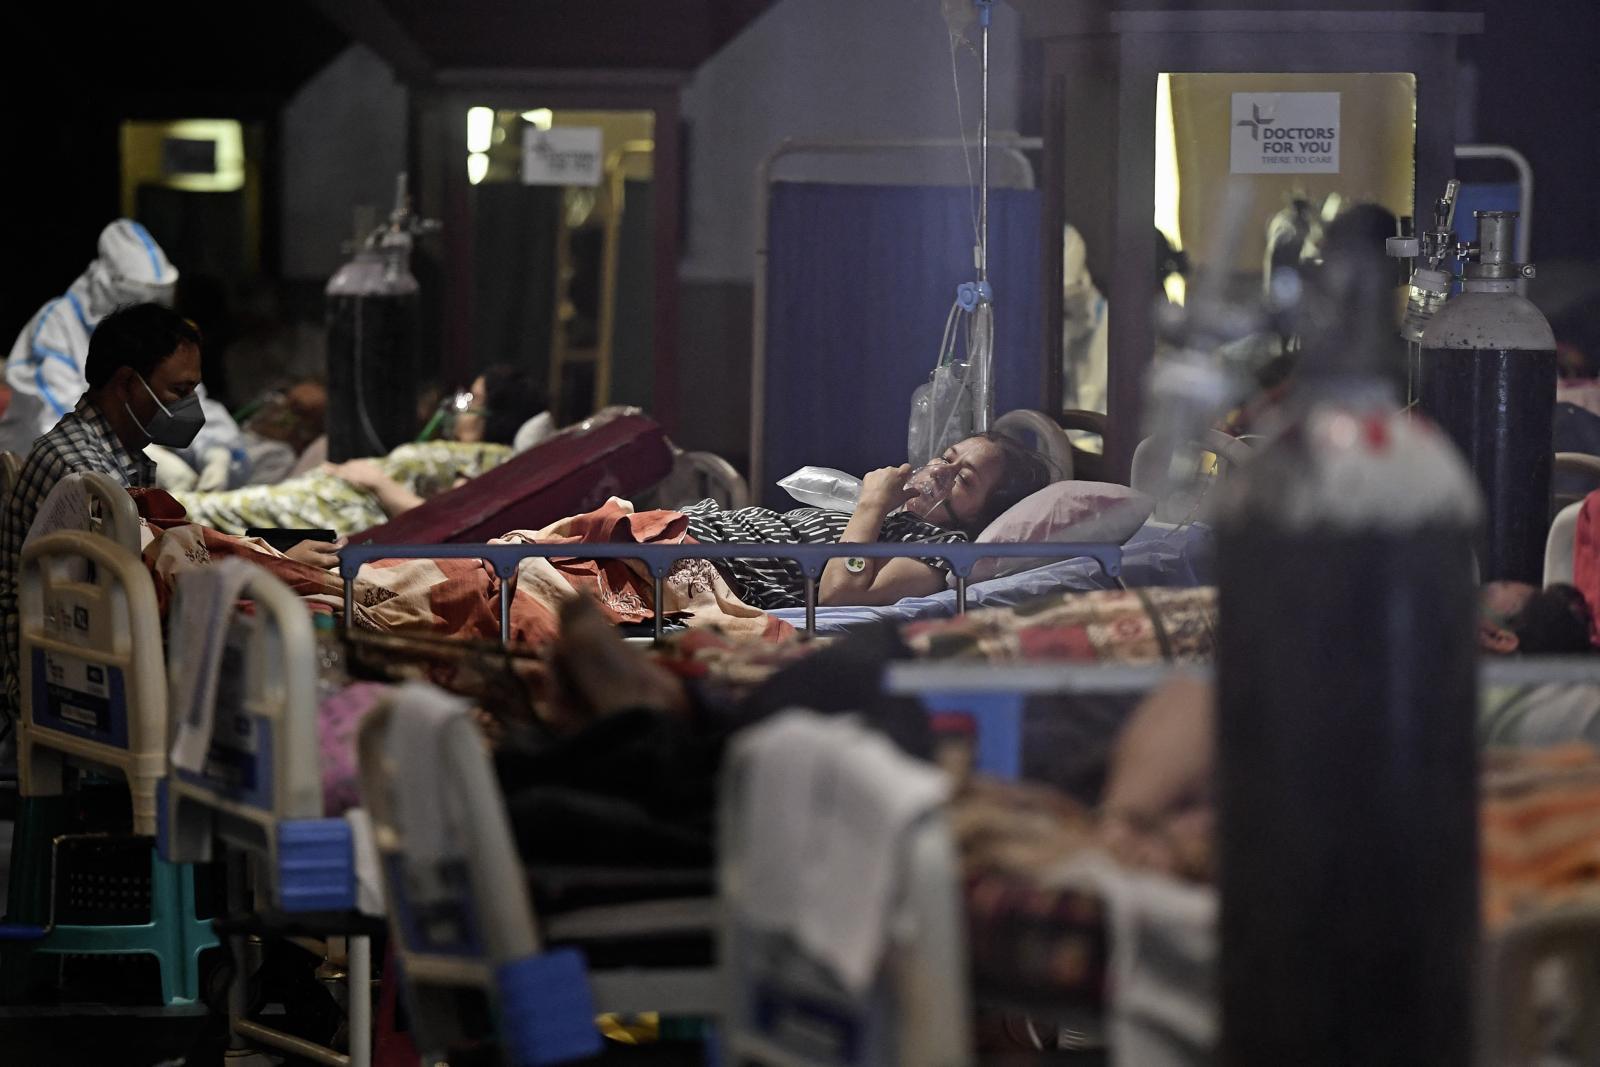 หลายประเทศพบโรงพยาบาลมิจฉาชีพ เรียกเงินแสนแลกเตียงผู้ป่วยโควิด-19